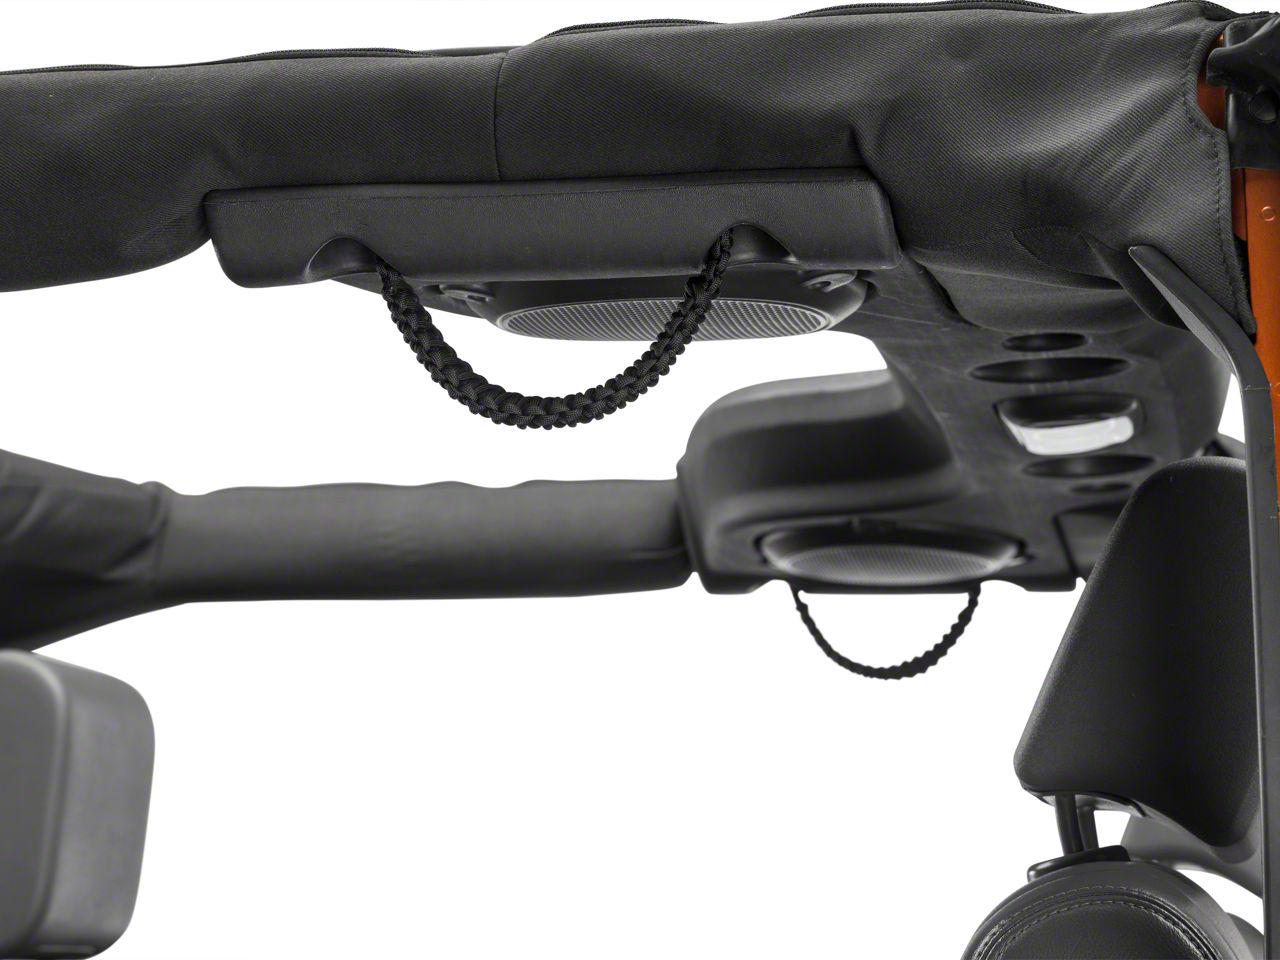 RedRock 4x4 Rear Soundbar Paracord Grab Handles - Black (07-18 Jeep Wrangler JK 4 Door; 18-19 Jeep Wrangler JL 4 Door)